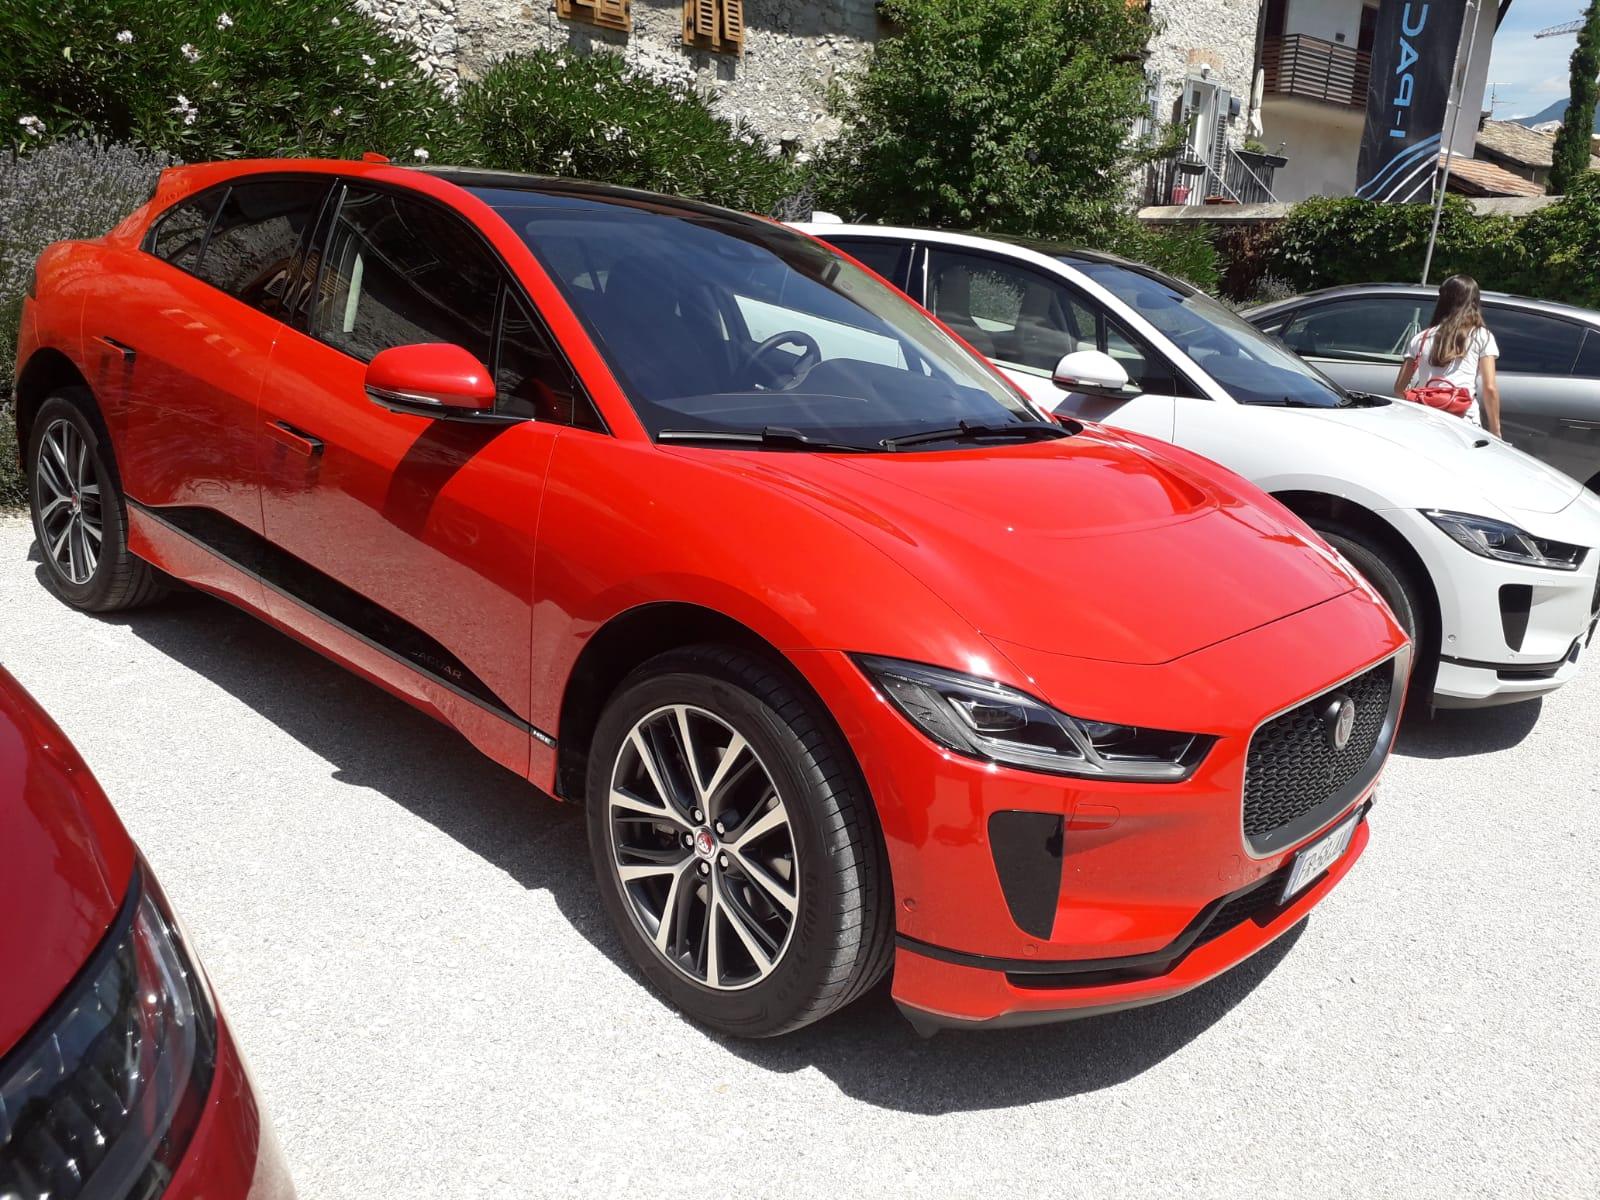 jaguar-i-pace-design-esterni